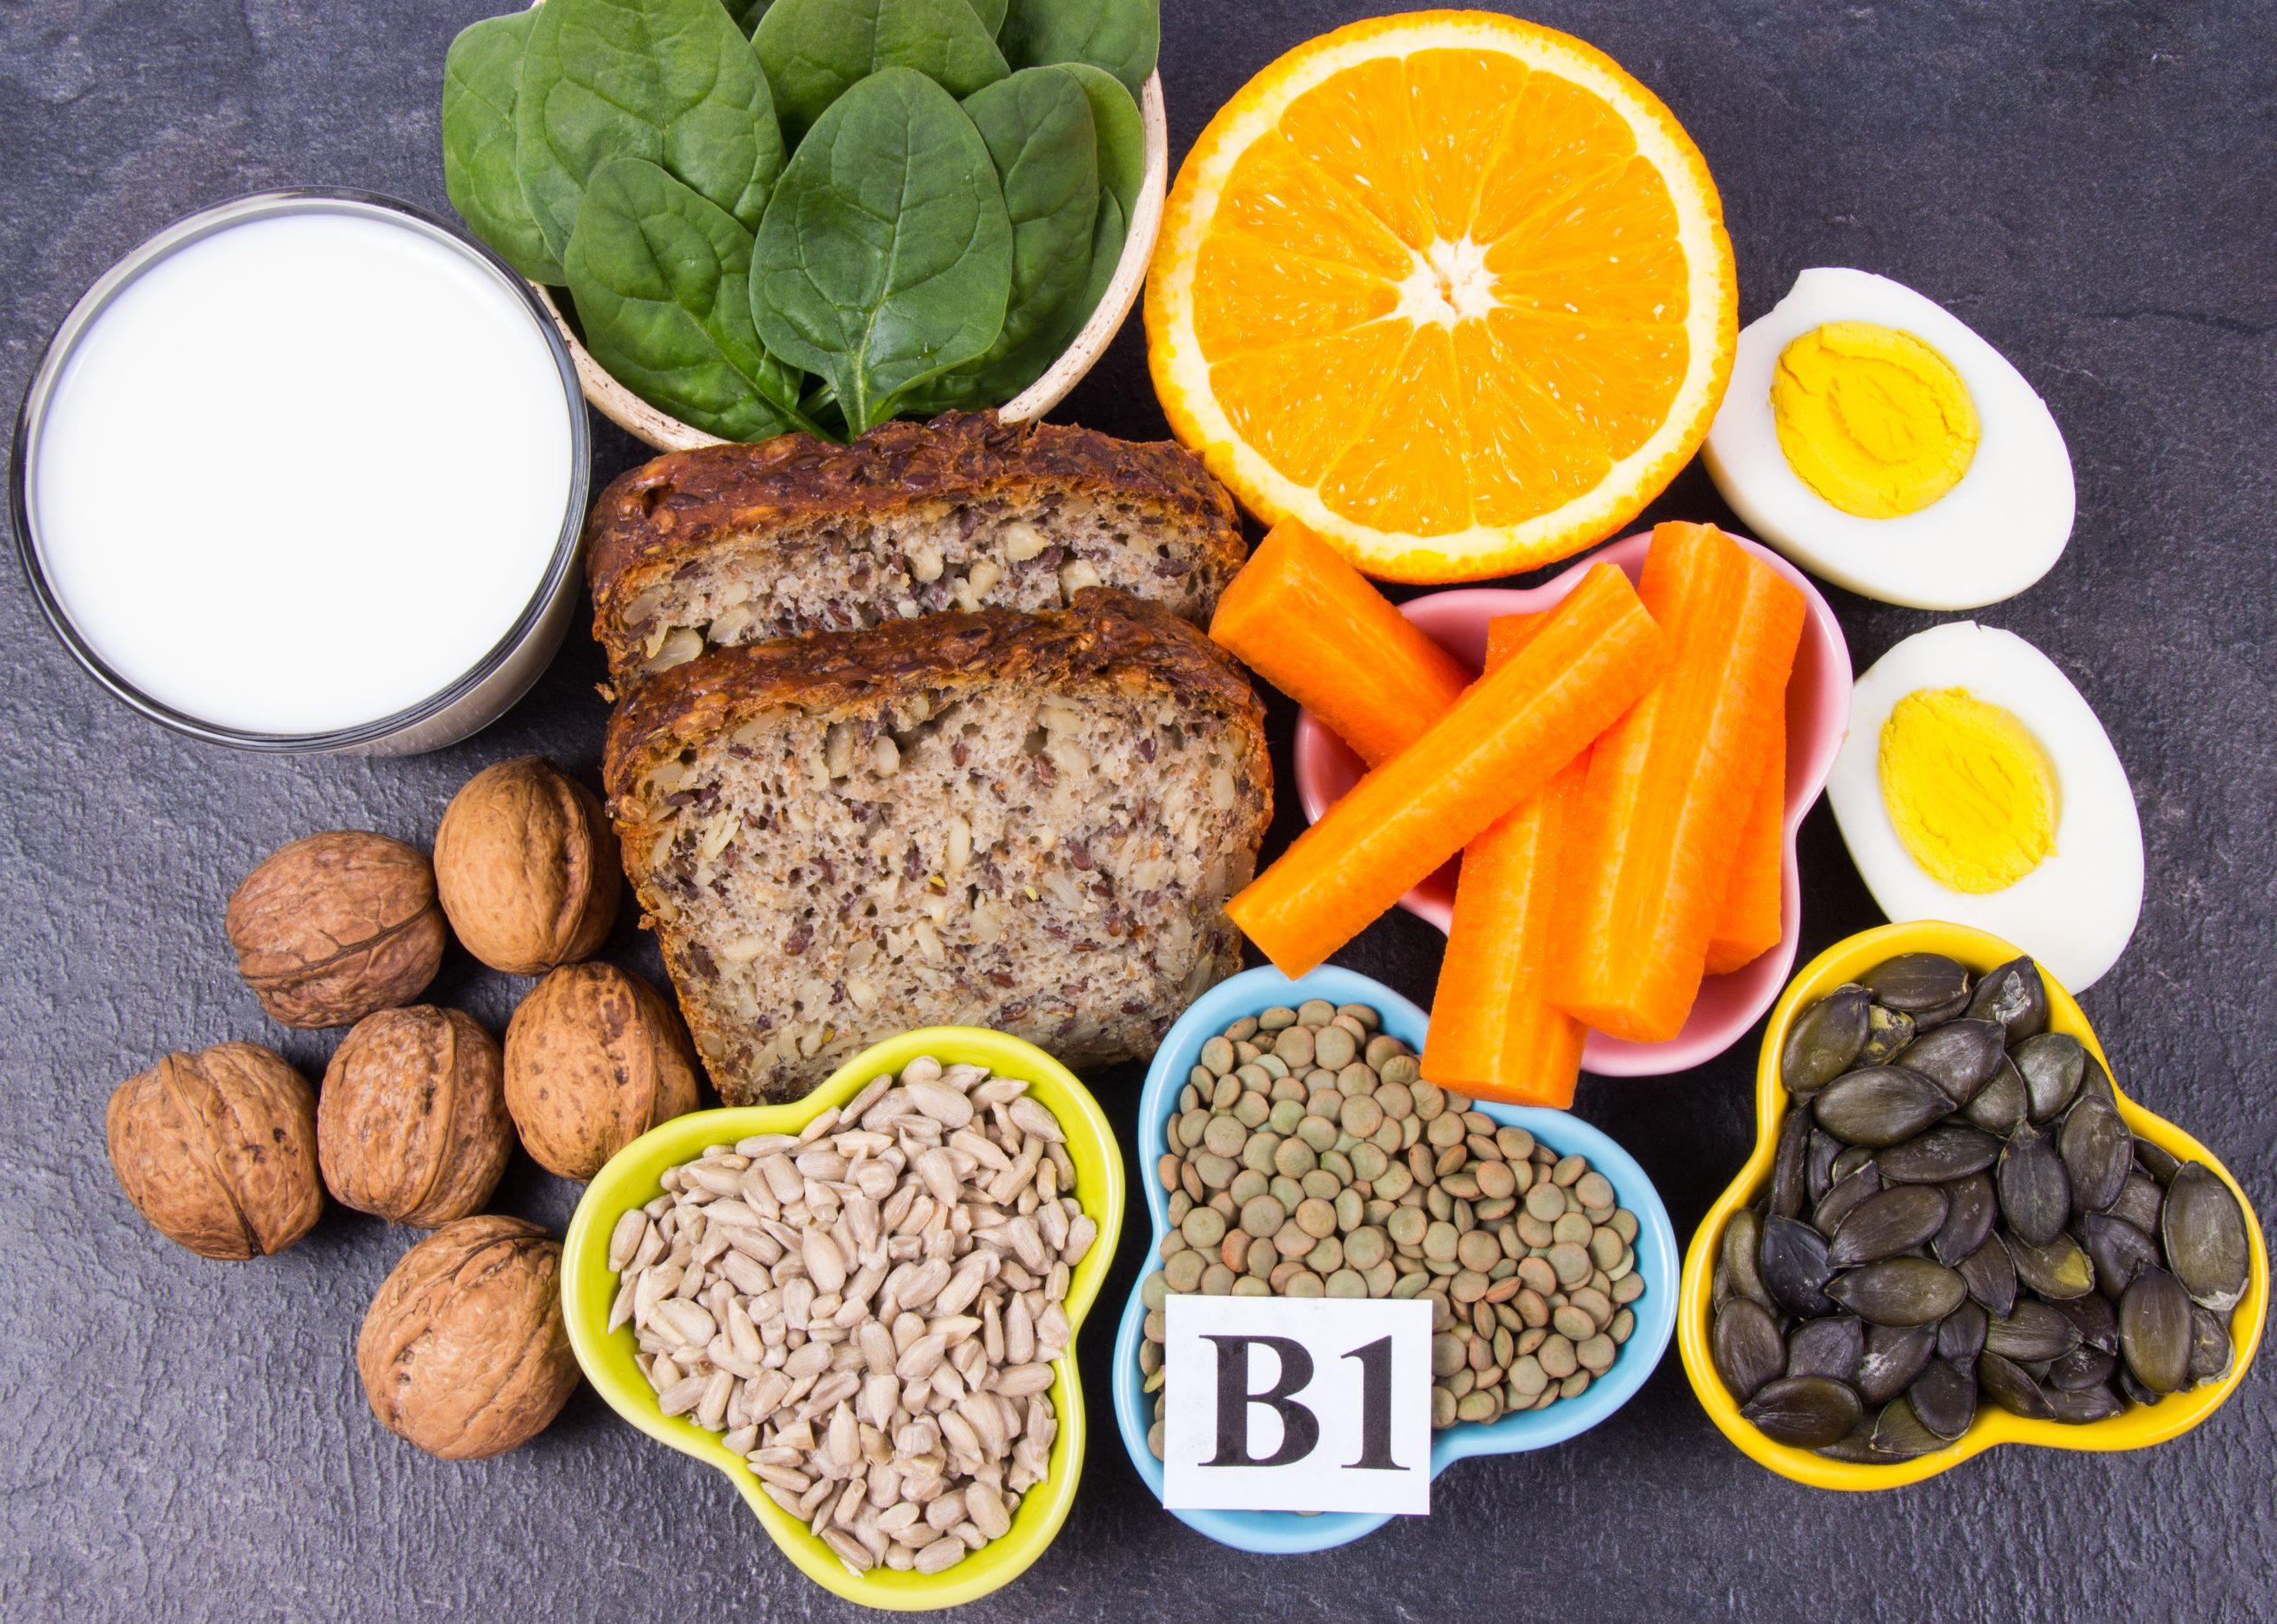 semillas ricas en vitamina b1